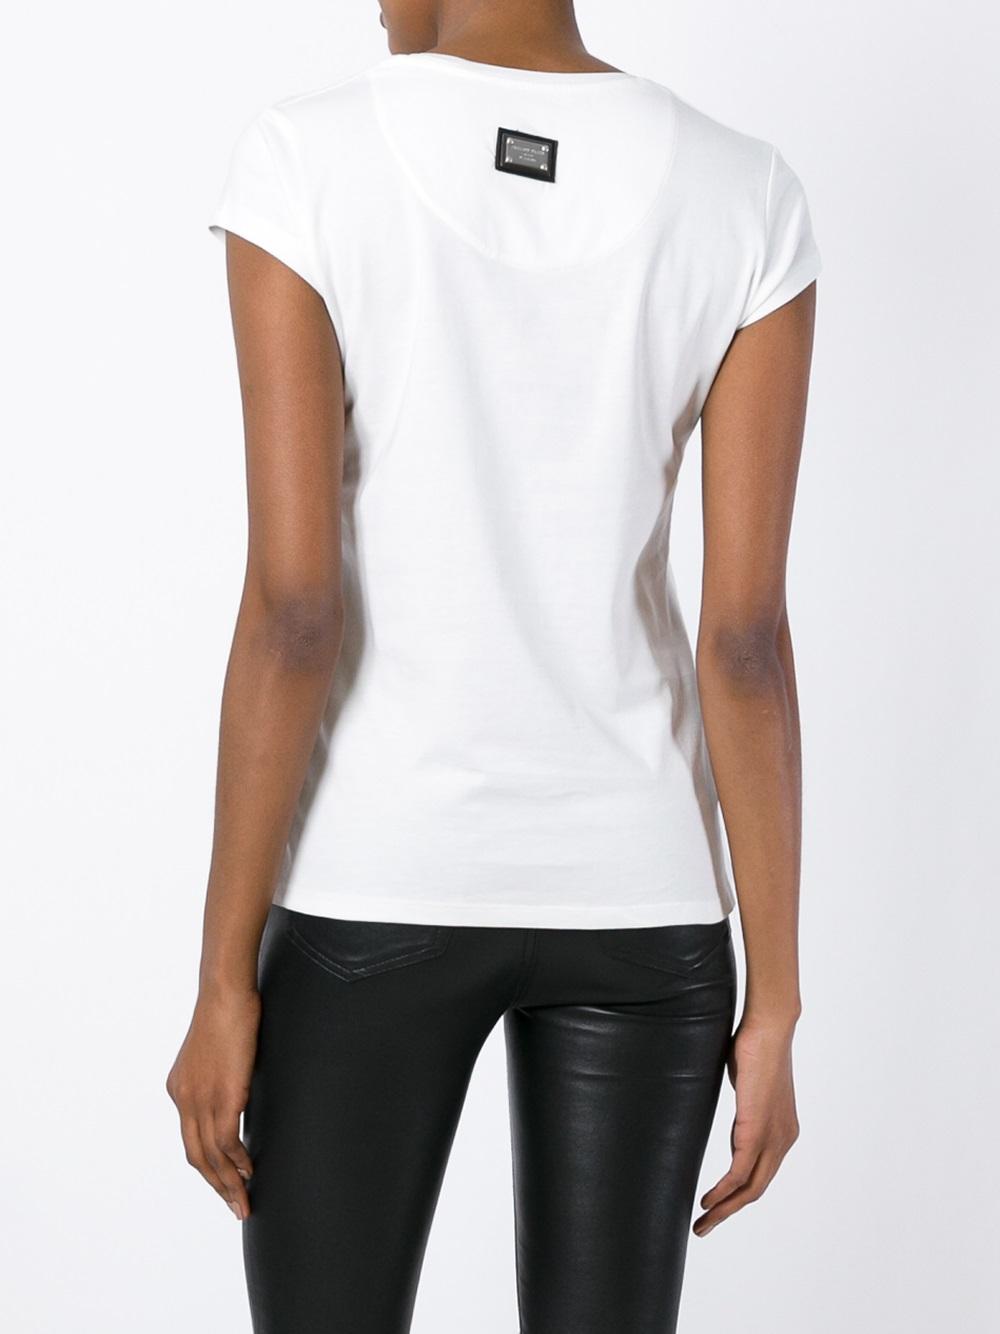 philipp plein 39 rock plein 39 t shirt in white lyst. Black Bedroom Furniture Sets. Home Design Ideas